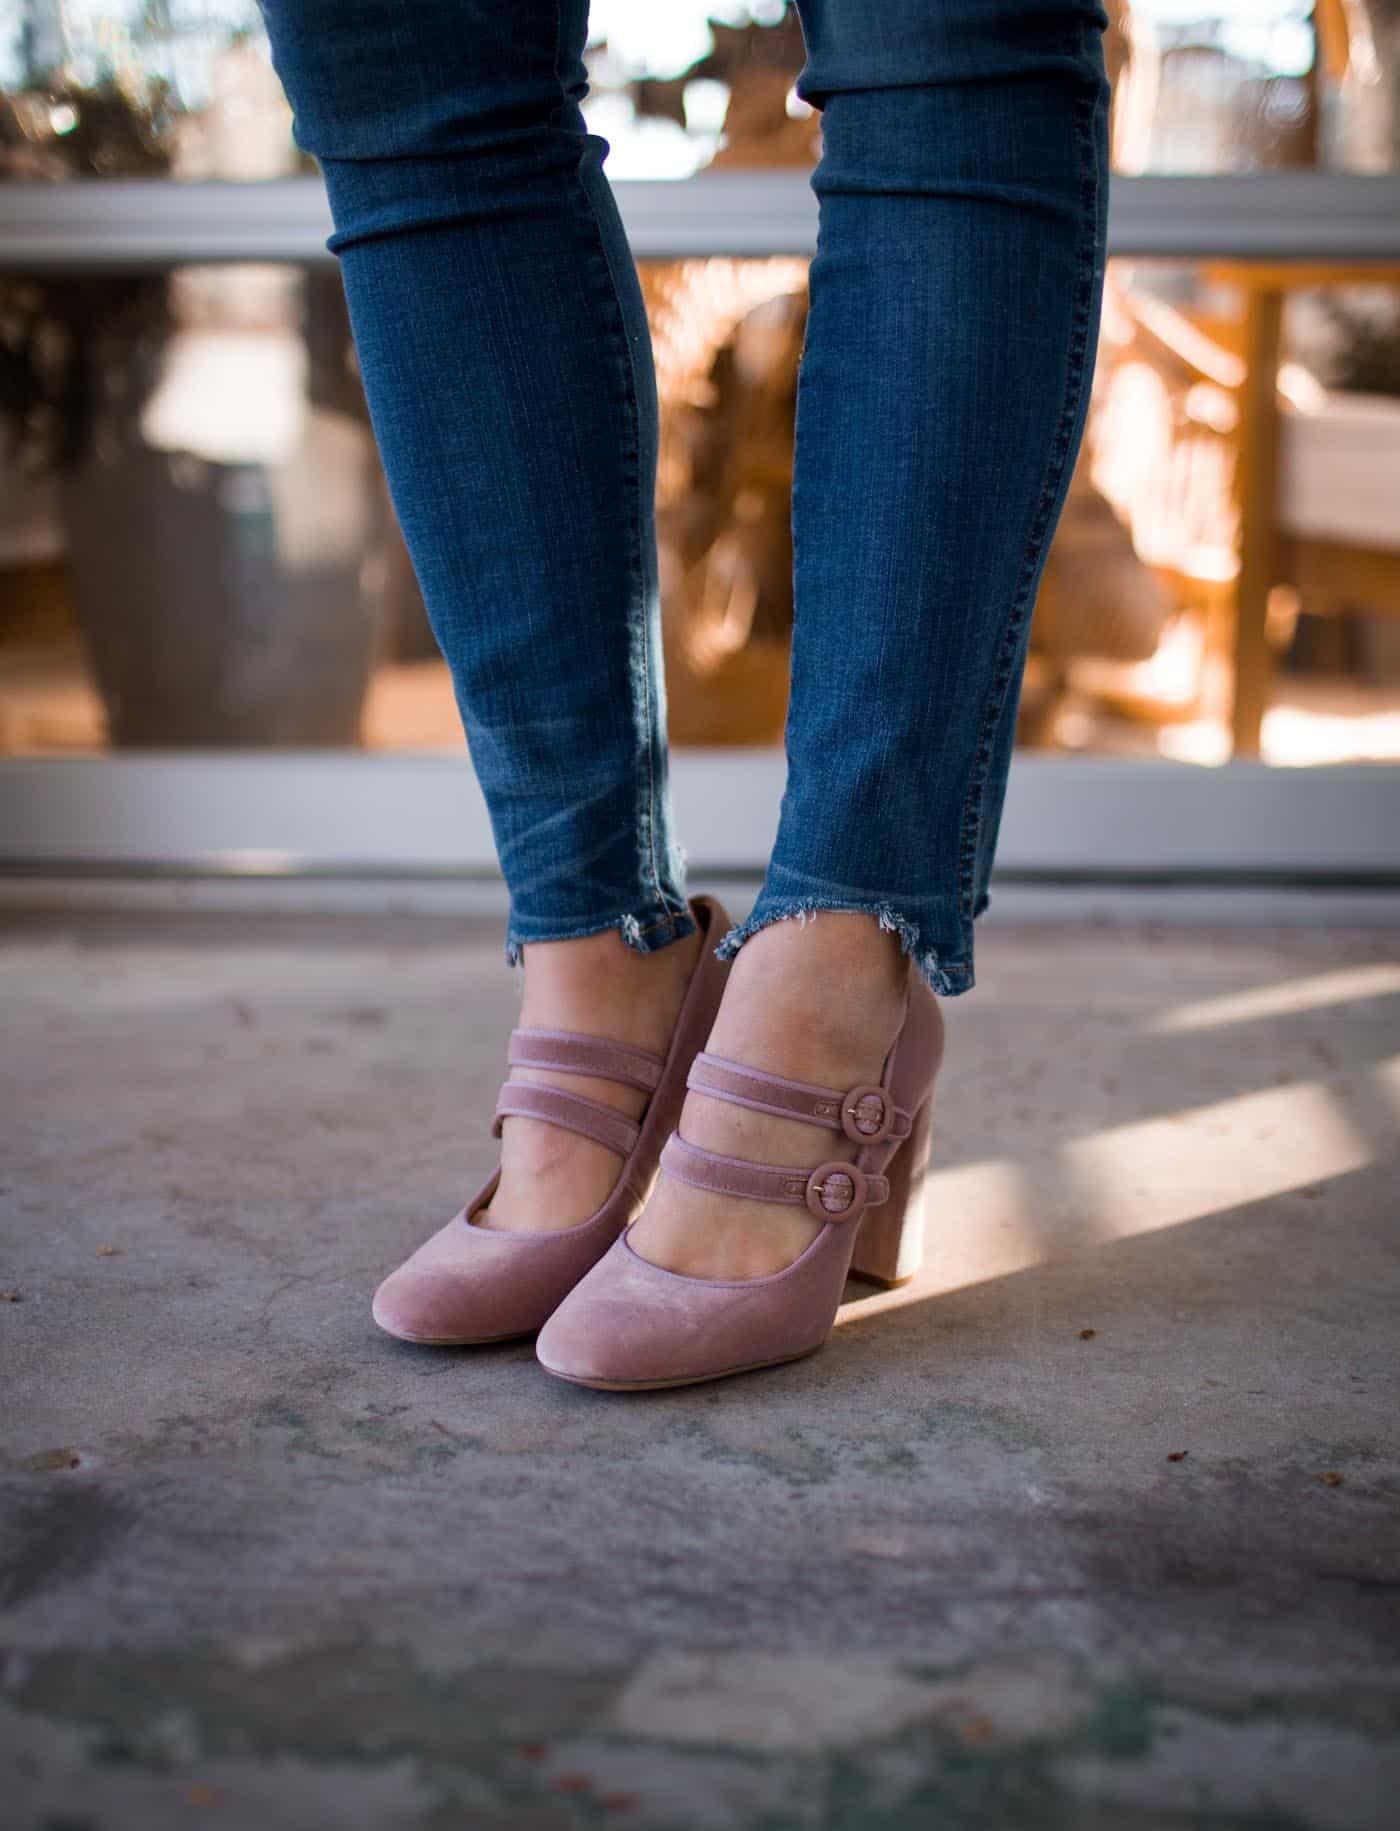 pink velvet mary jane heels - My Style Vita @mystylevita